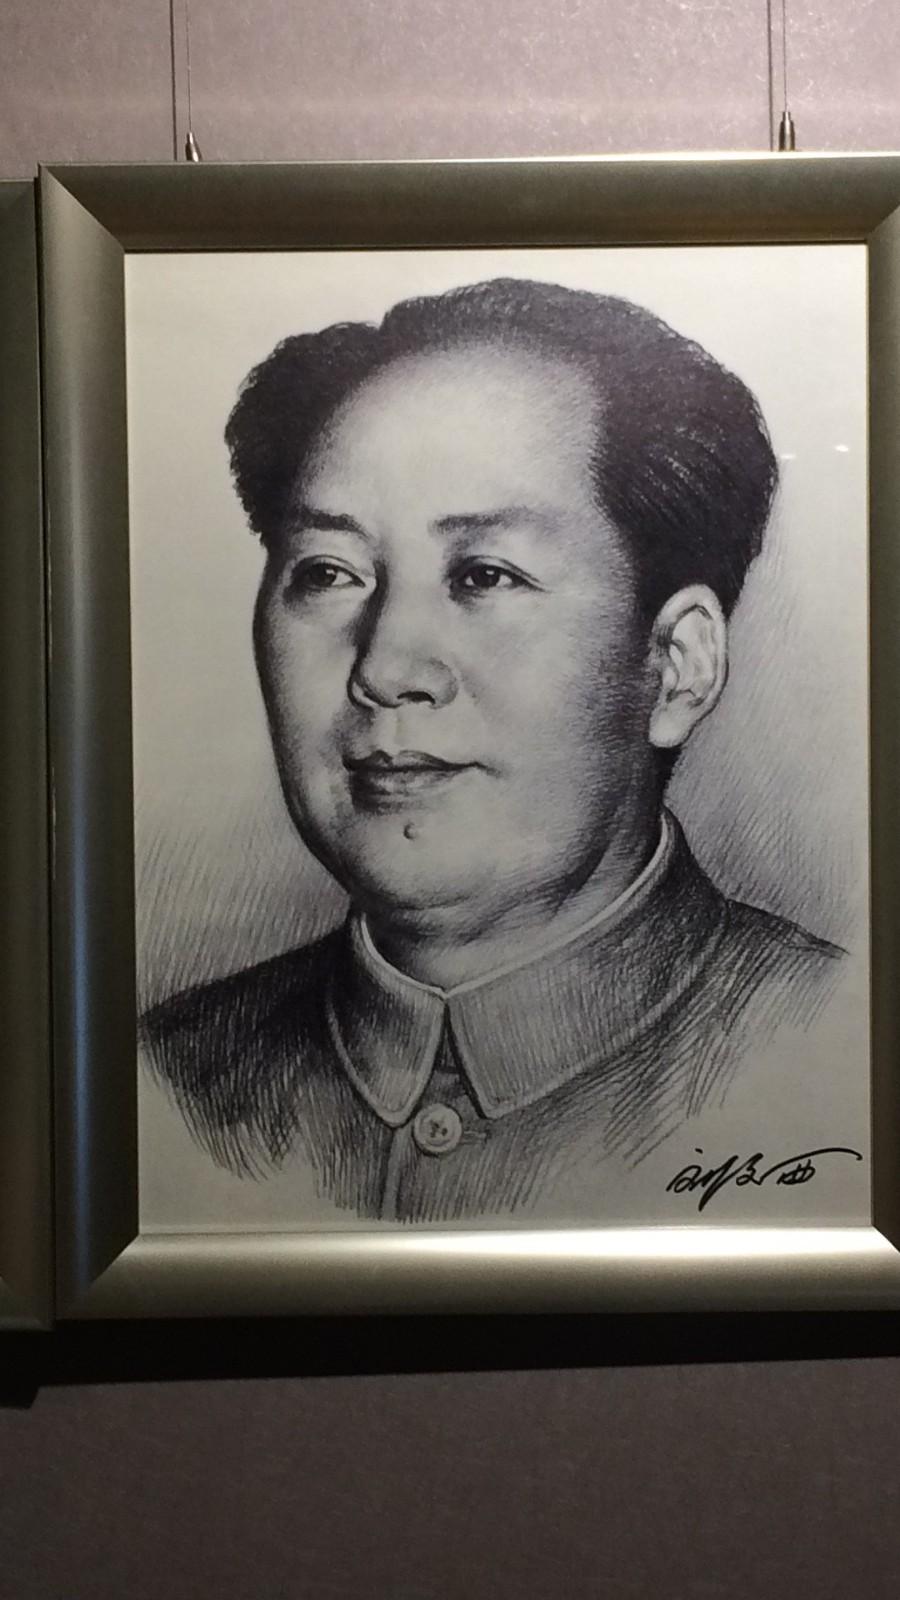 毛主席素描型壁饰画像 毛泽东标准像宣传有框画 实木相框照片墙